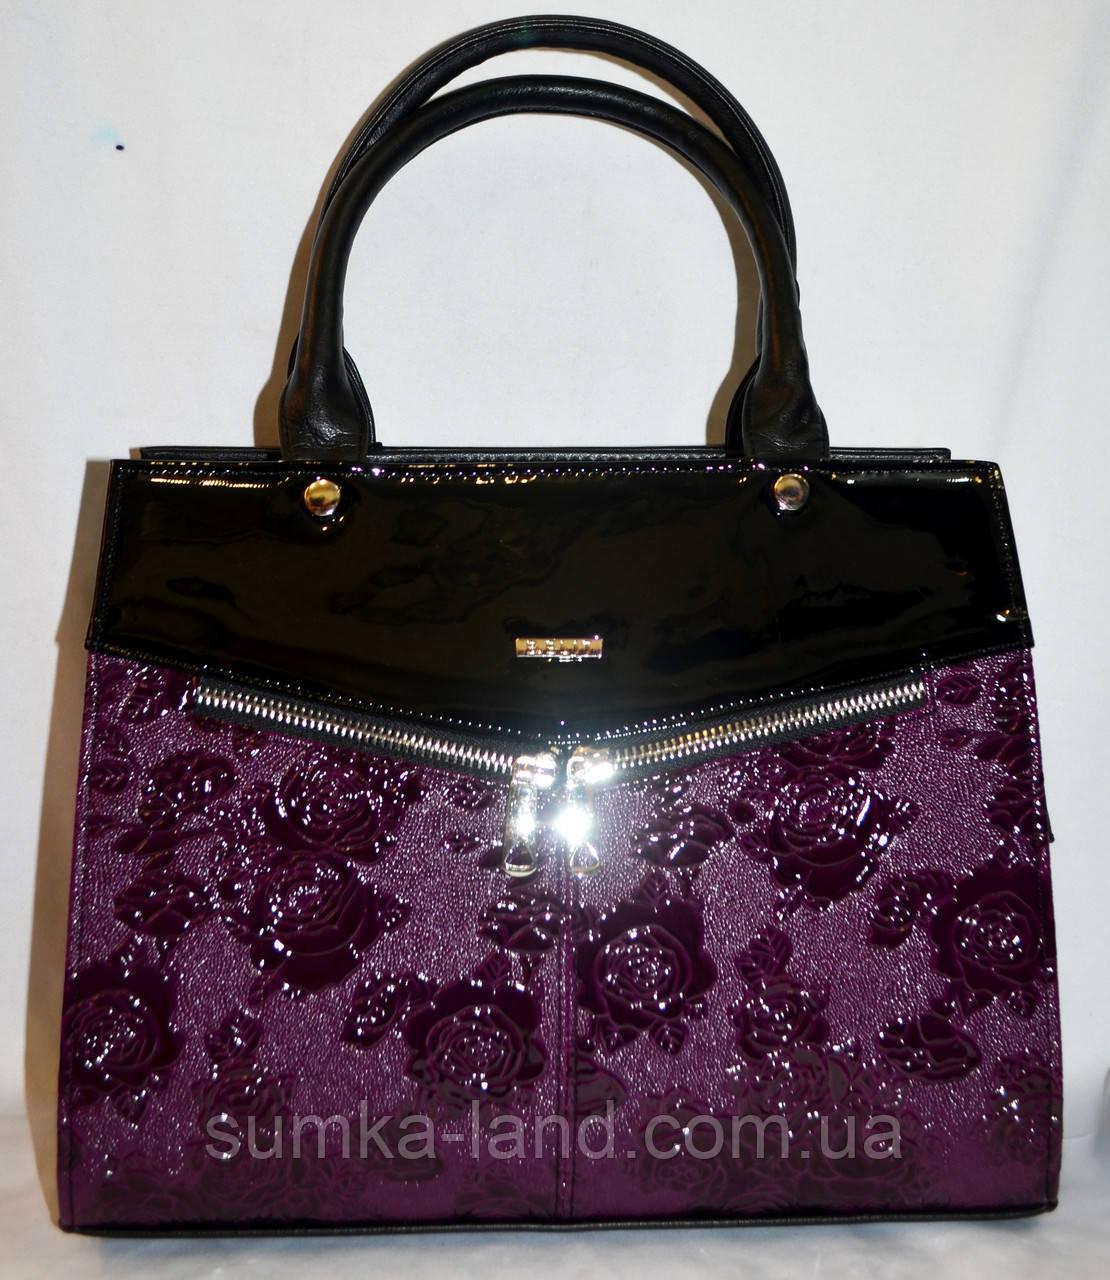 Женская каркасная фиолетовая сумка B Elit из кожзама с лаковой вставкой, с длинным ремешком 32*26 см